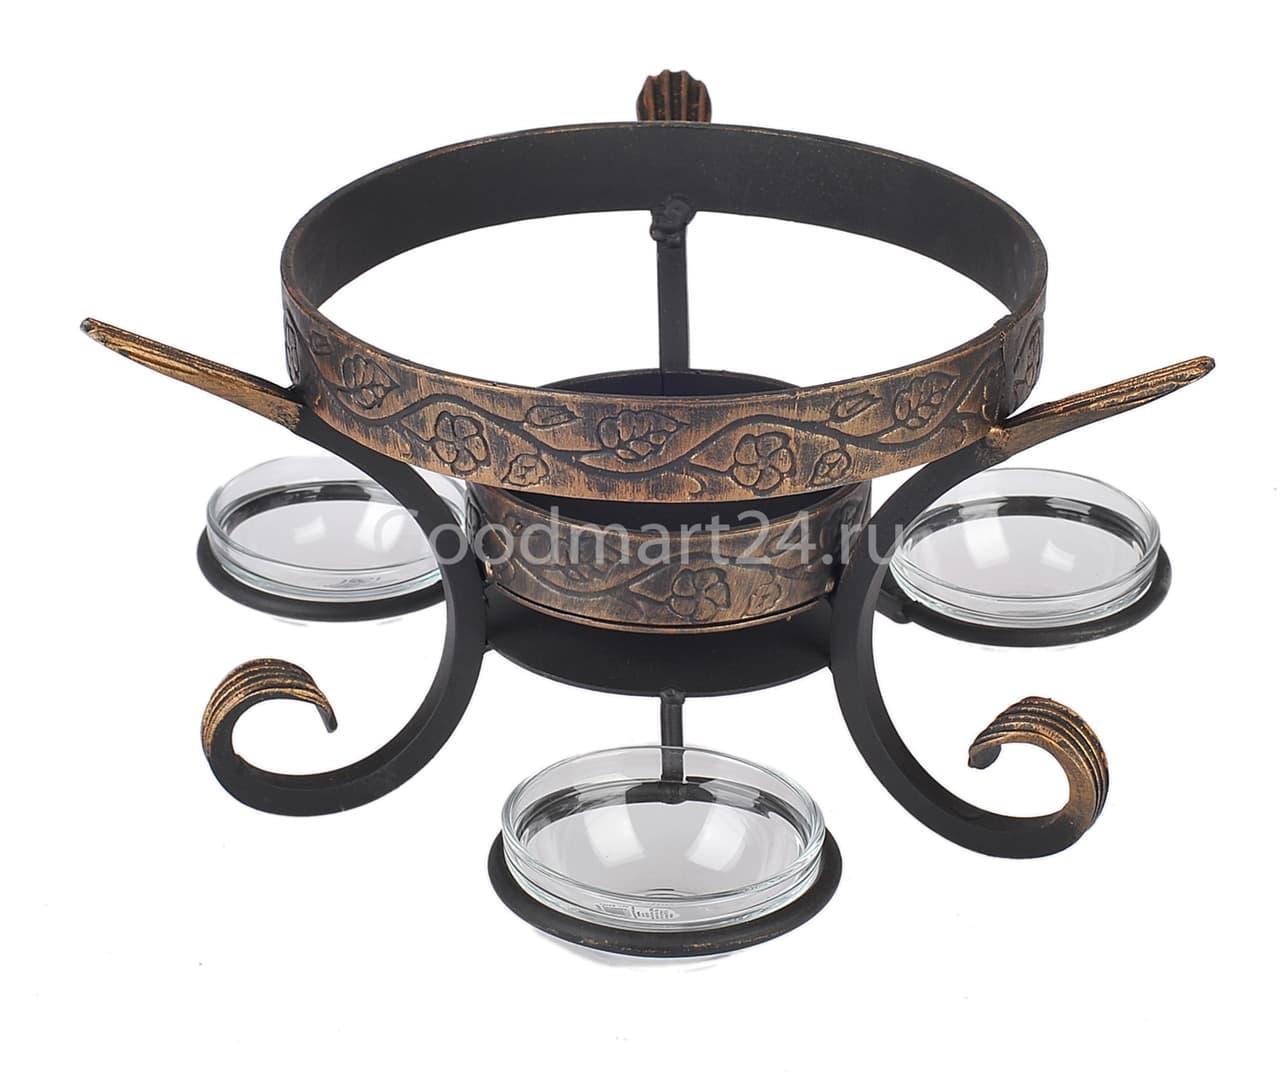 Садж сковорода 29 см, сталь + подставка кованная Шелковый путь премиум - фото 8533